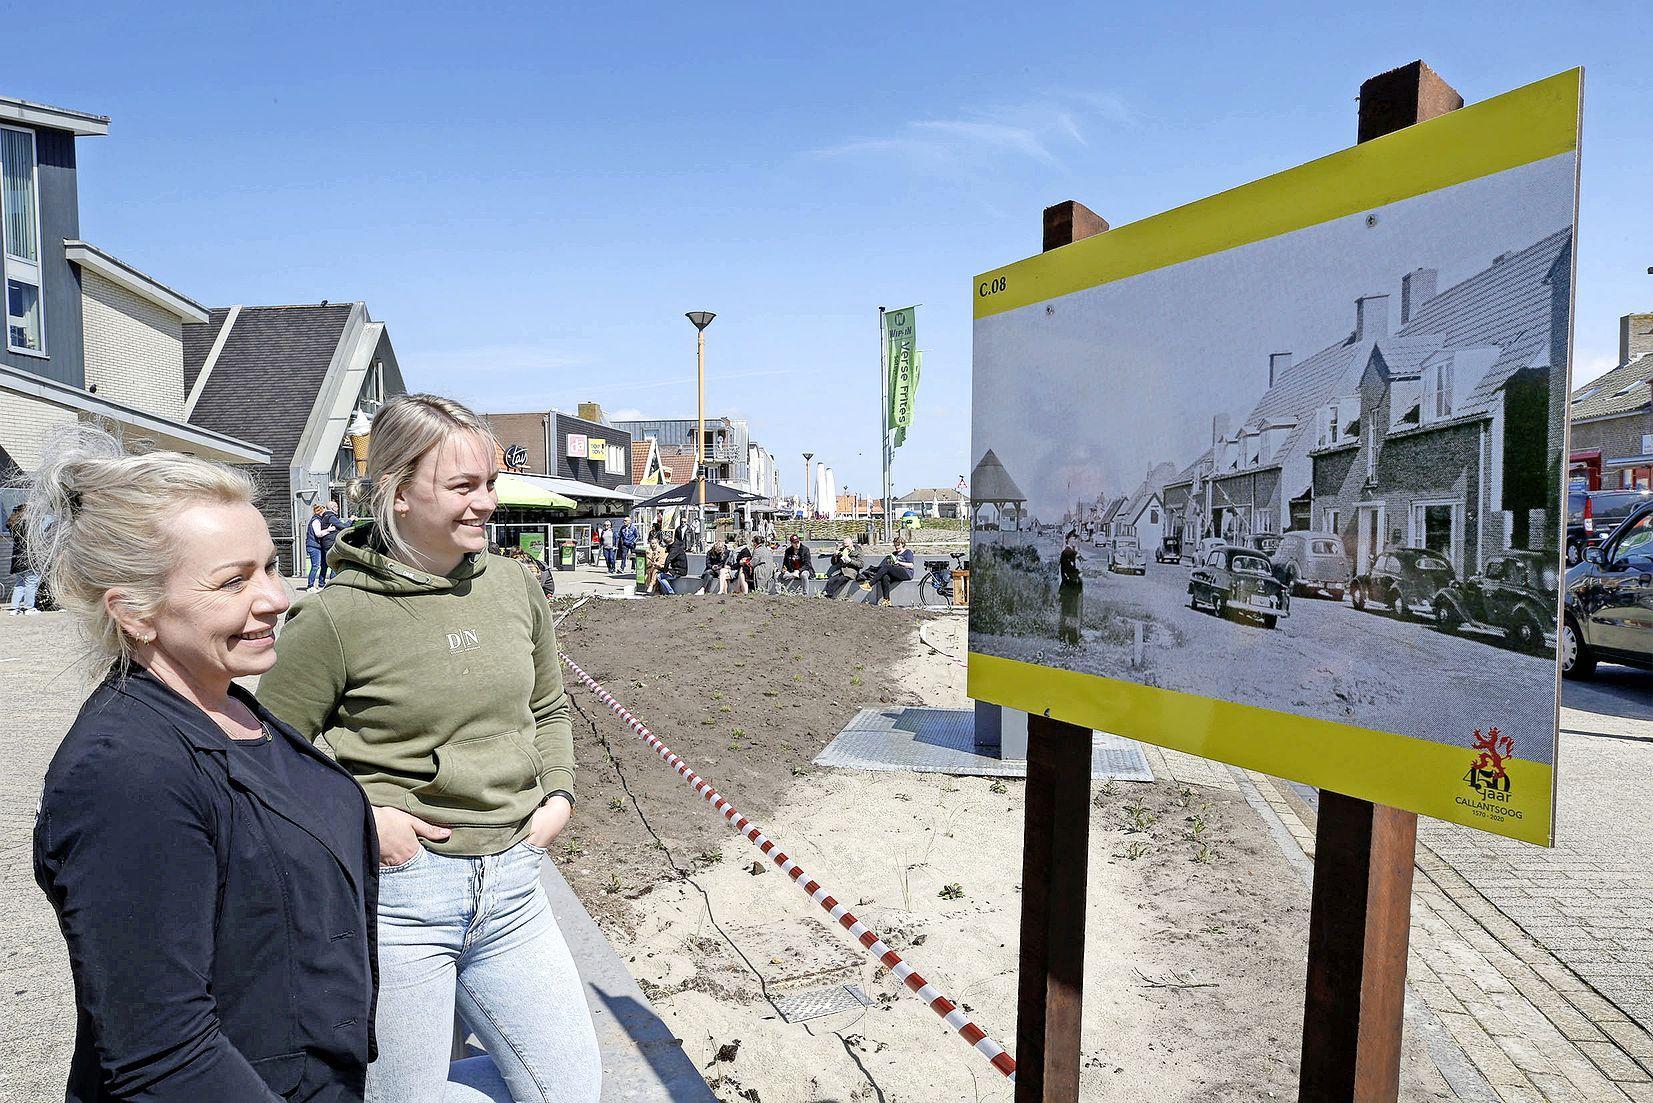 Doe een enorme stap terug in de tijd in Callantsoog. Een historische wandeling met foto's uit de oude doos laat zien hoe de badplaats veranderd is